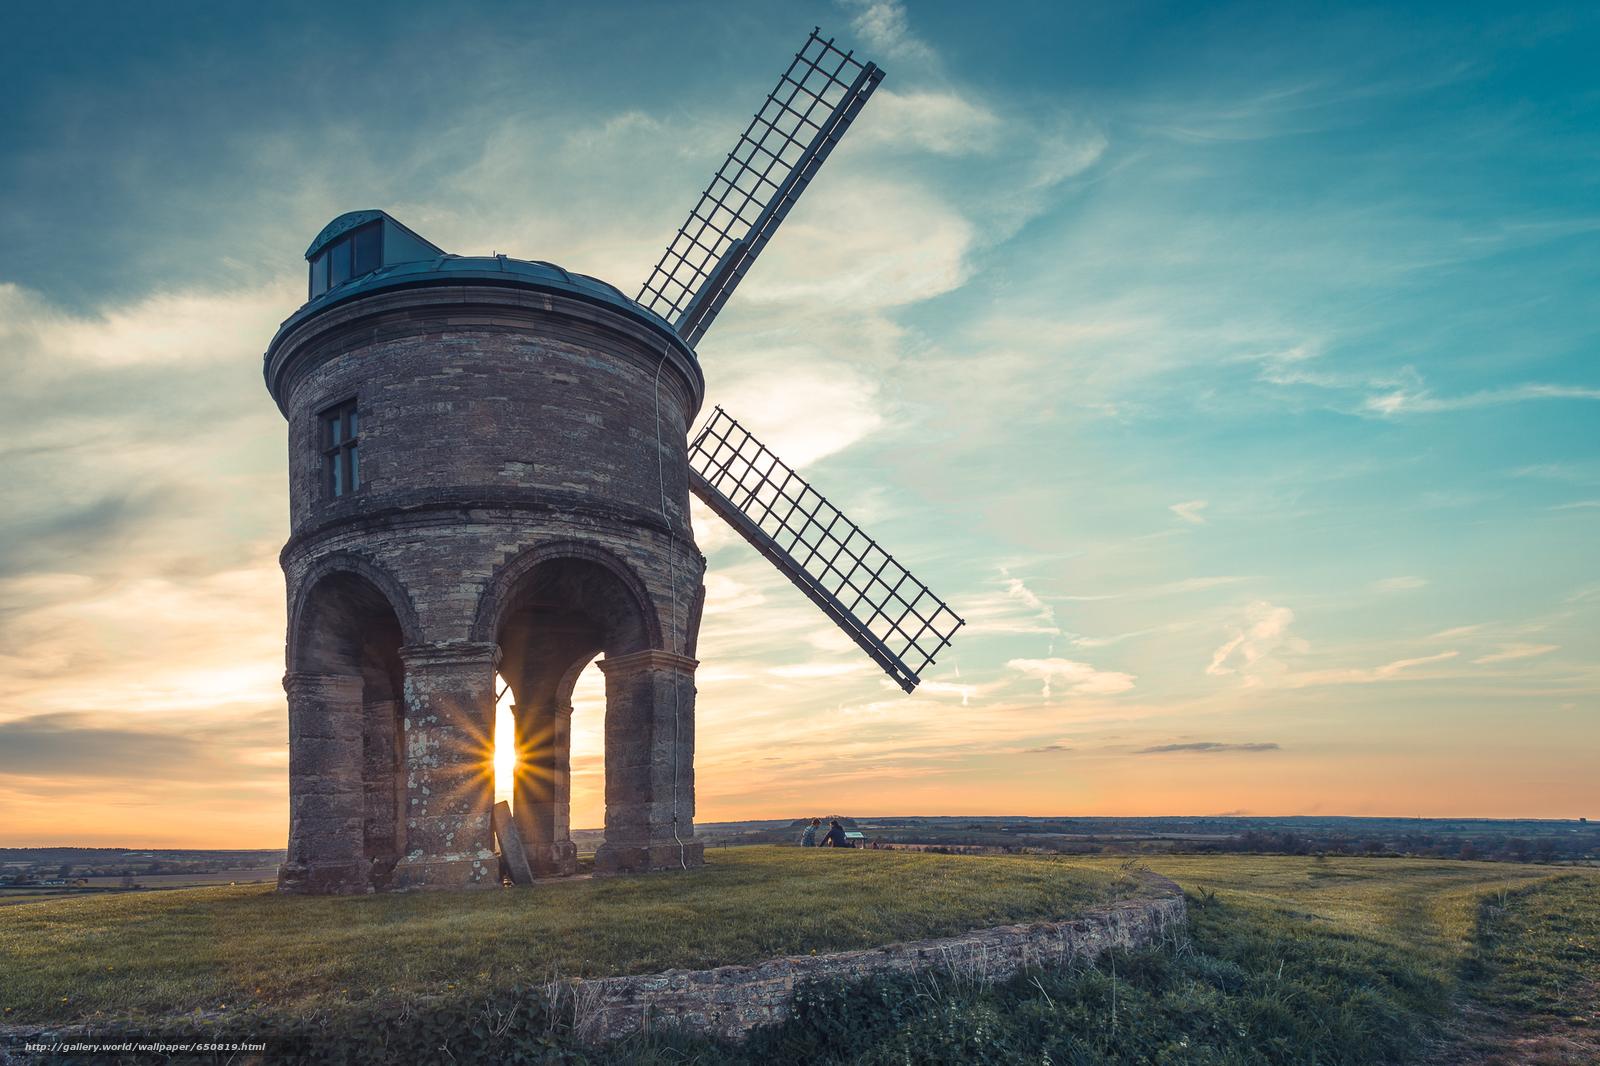 Скачать обои Честертон ветряная мельница,  Уорикшир,  Великобритания,  Chesterton Windmill бесплатно для рабочего стола в разрешении 2048x1365 — картинка №650819